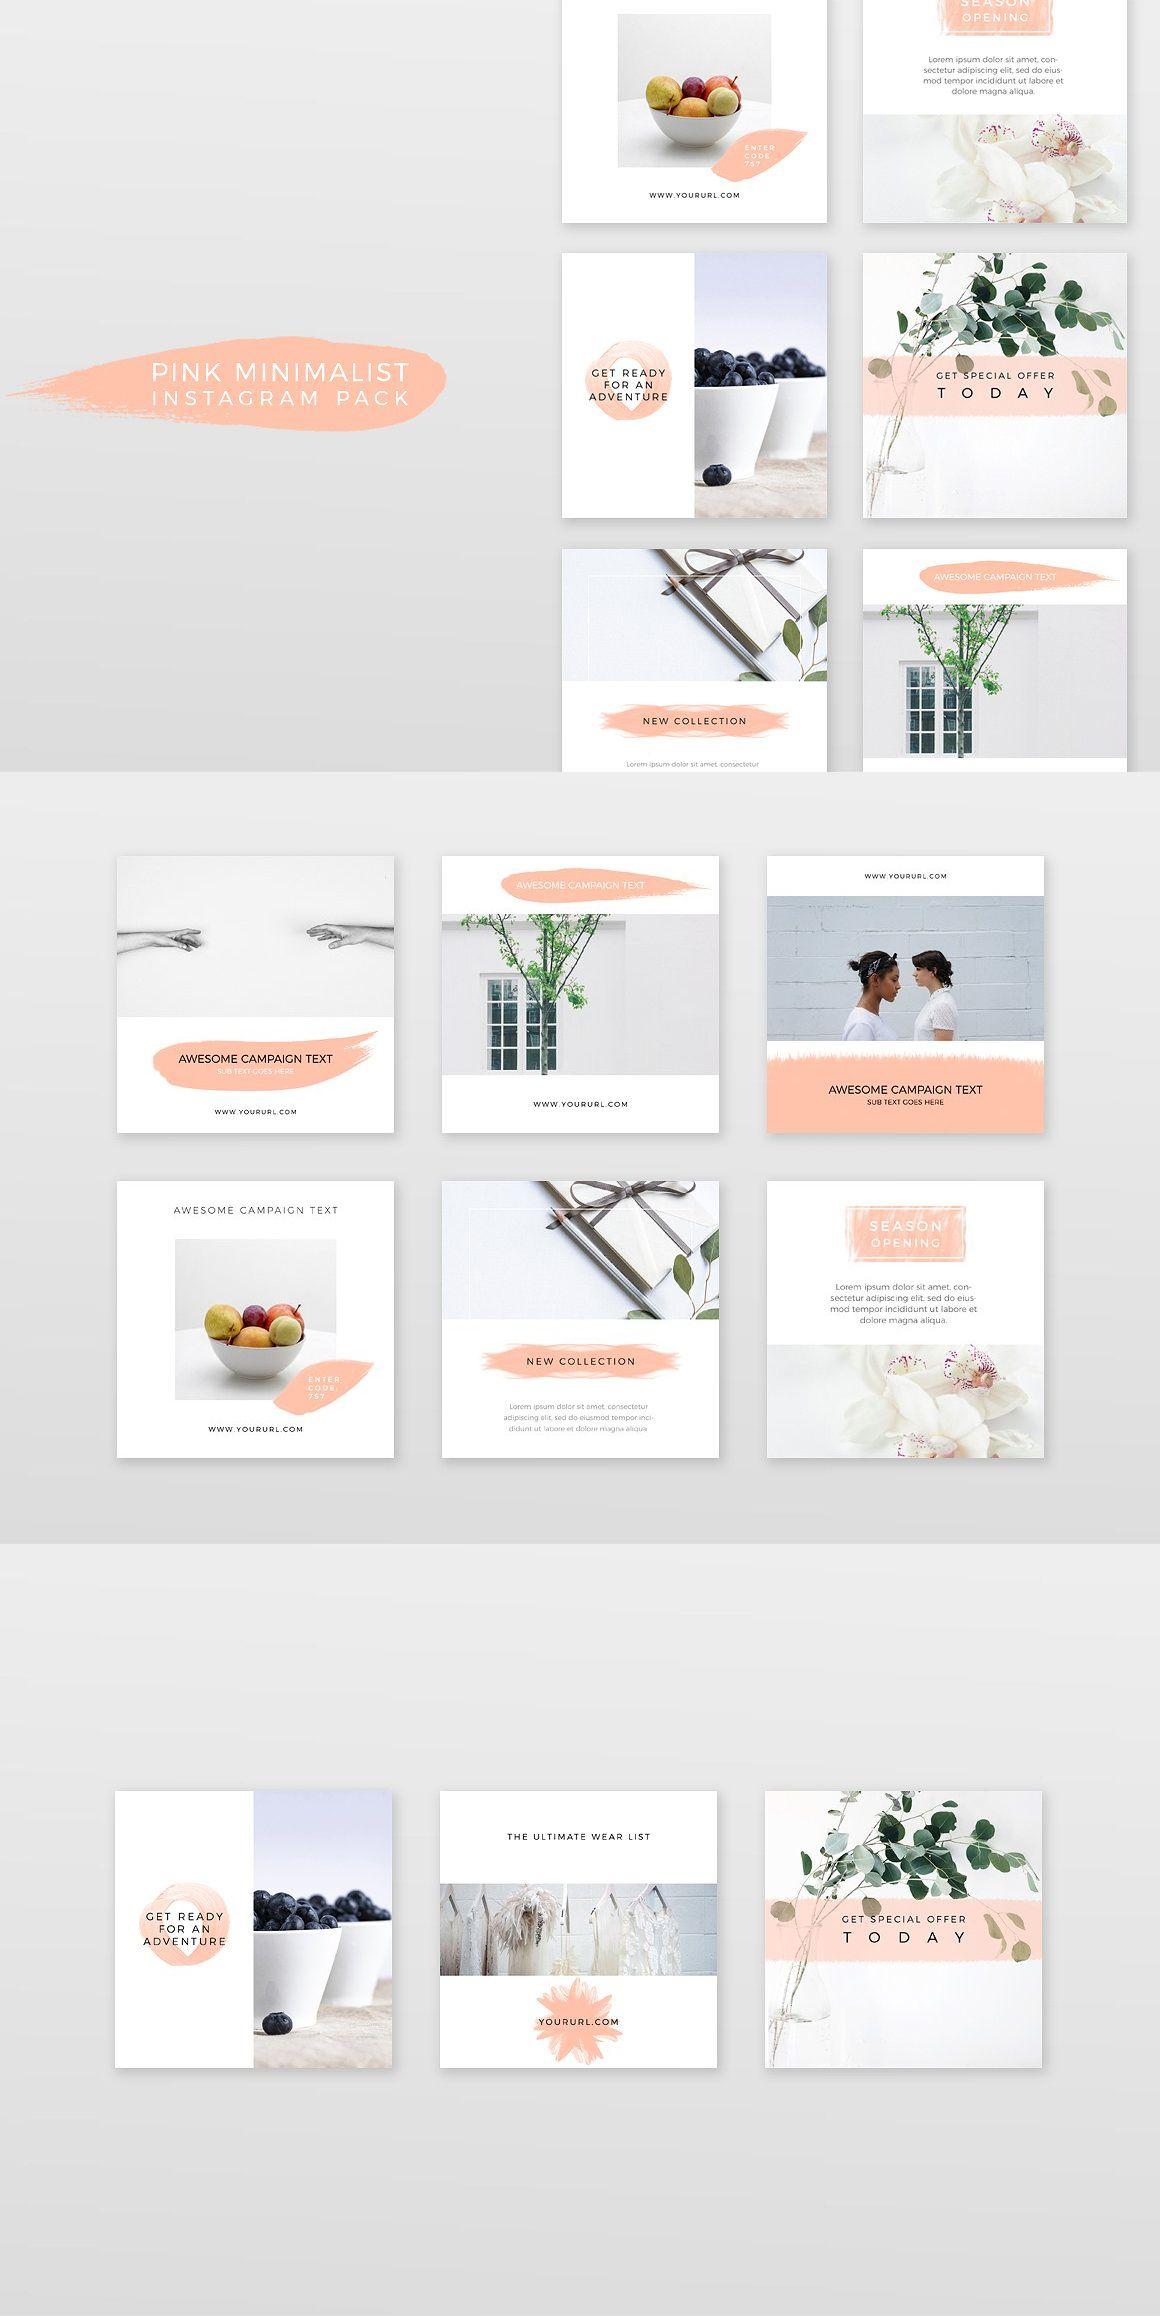 Pink Minimalist Instagram Pack Instagram Template Design Instagram Layout Instagram Design